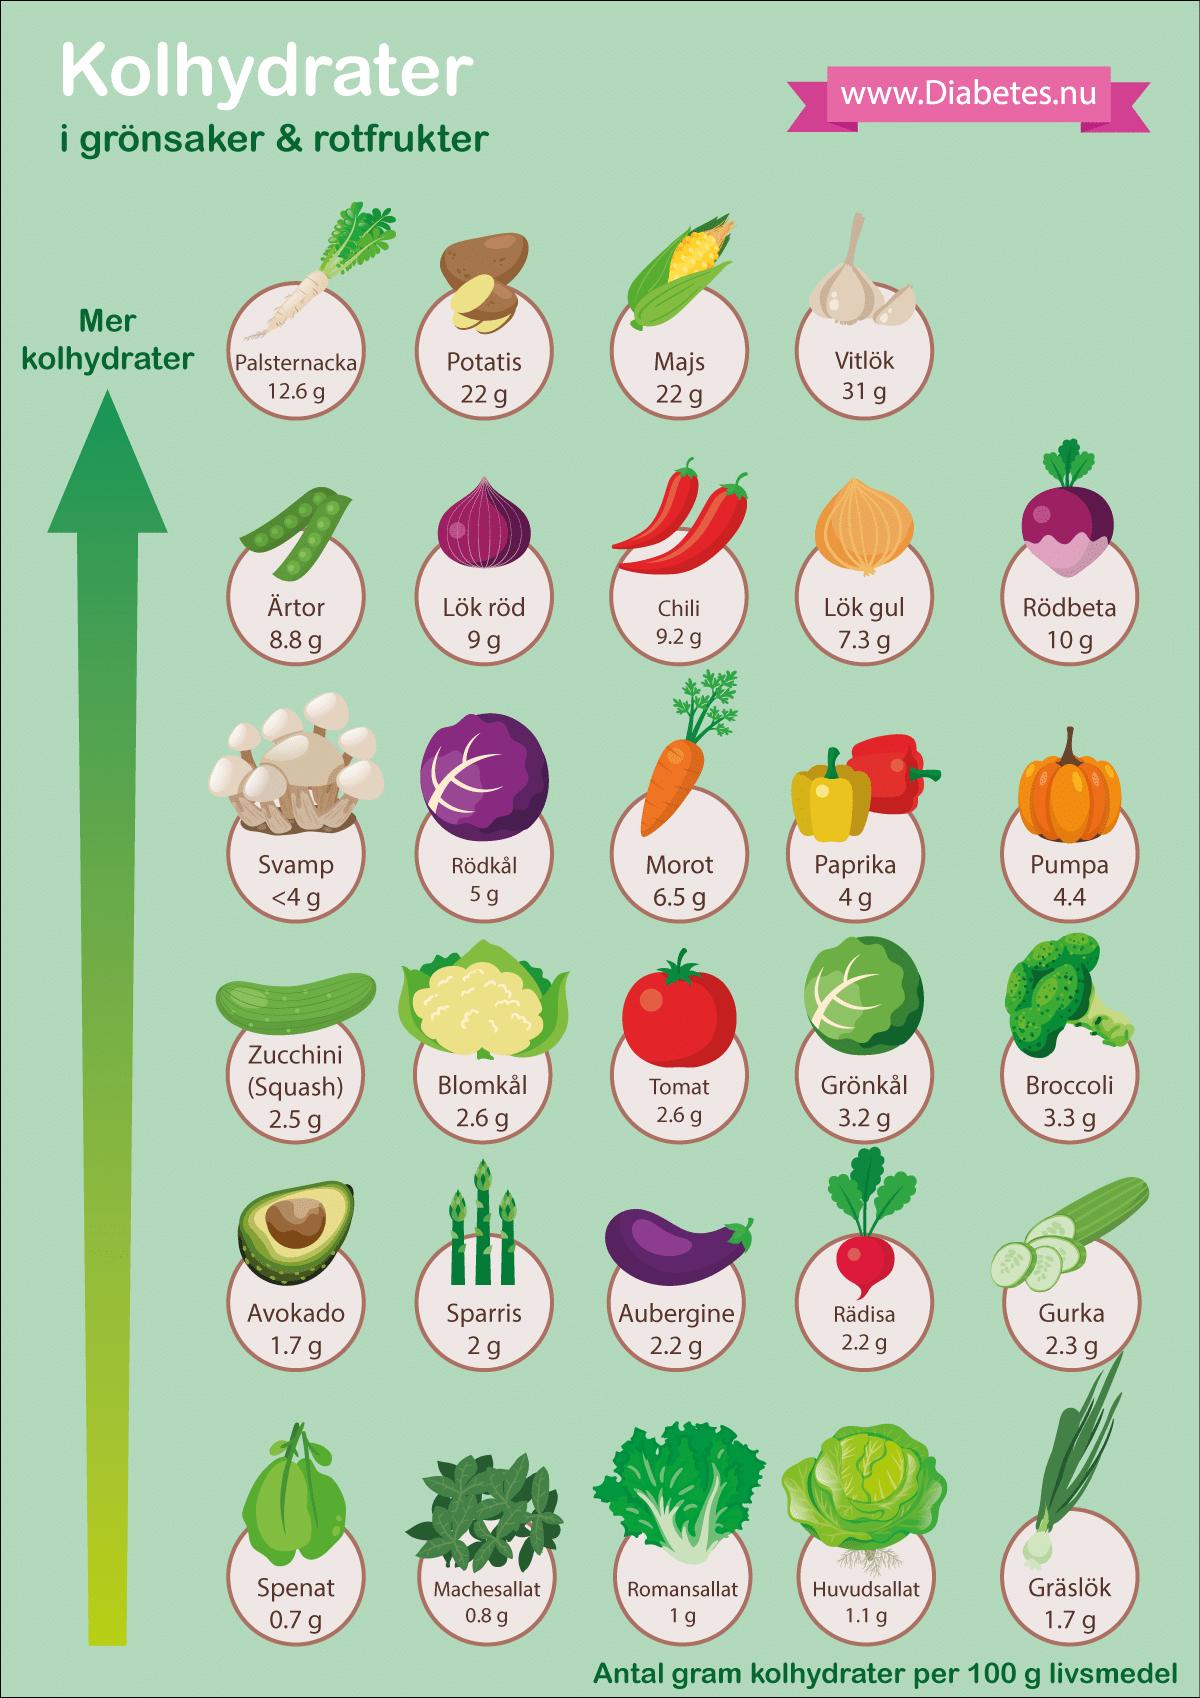 Här redovisas diverse grönsaker och rotfrukter. Som du märker innehåller grönsaker väldigt lite kolhydrater, vilket gör att man kan äta de flesta grönsaker i fri mängd. Rotfrukter, däremot, innehåller mer kolhydrater. Mest kolhydrater finns i rotfrukter som växer under jorden (palsternacka, potatis). Vitlök innehåller förvisso mycket kolhydrater men eftersom man äter såpass liten mängd så är det acceptabelt. Gröna grönsaker, särskilt de med blad, är allra bäst för den som vill äta LCHF.